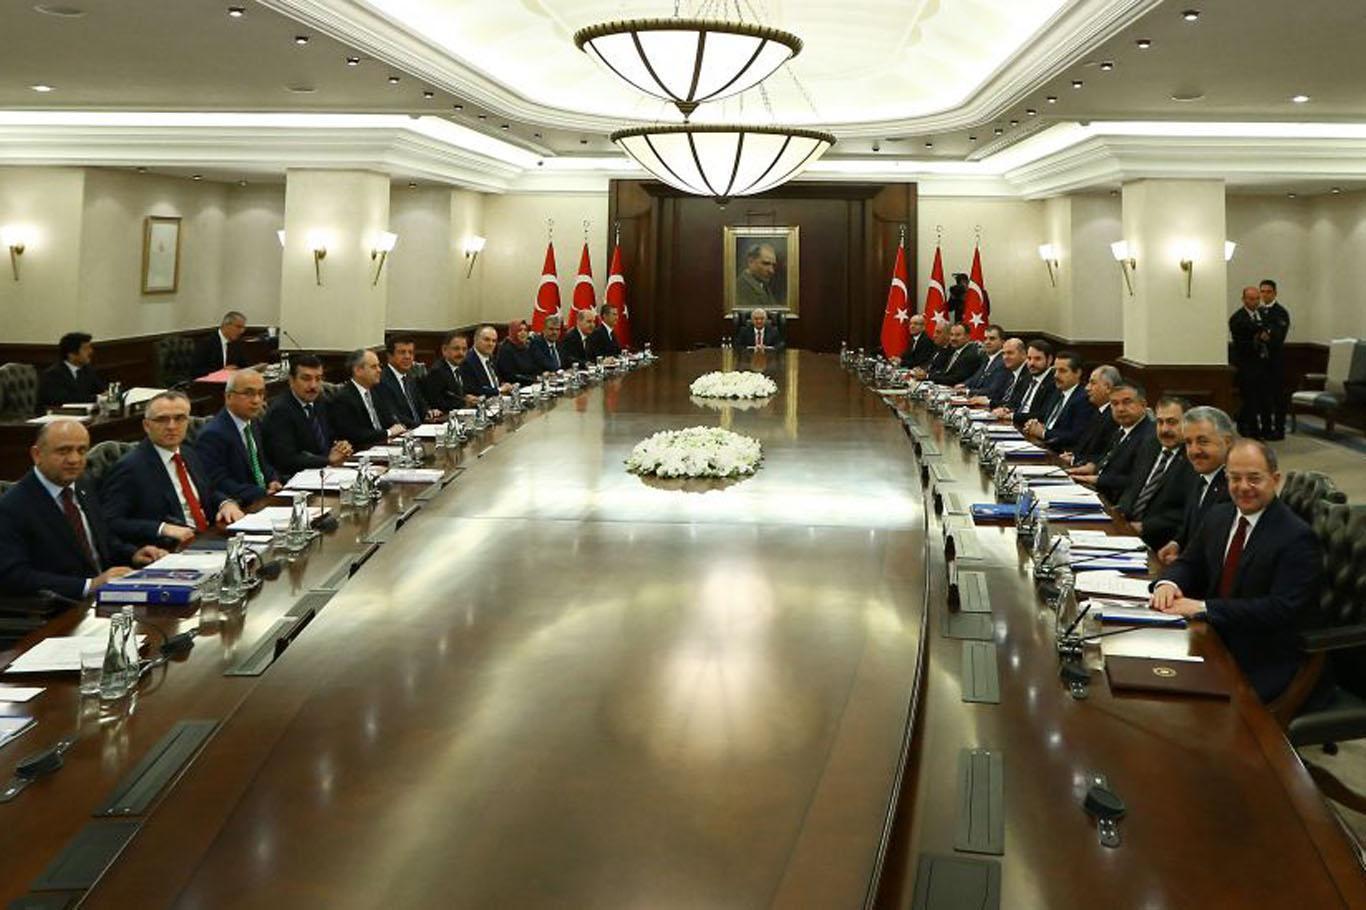 Bakanlar Kurulu, Başbakan Yıldırım başkanlığında toplandı